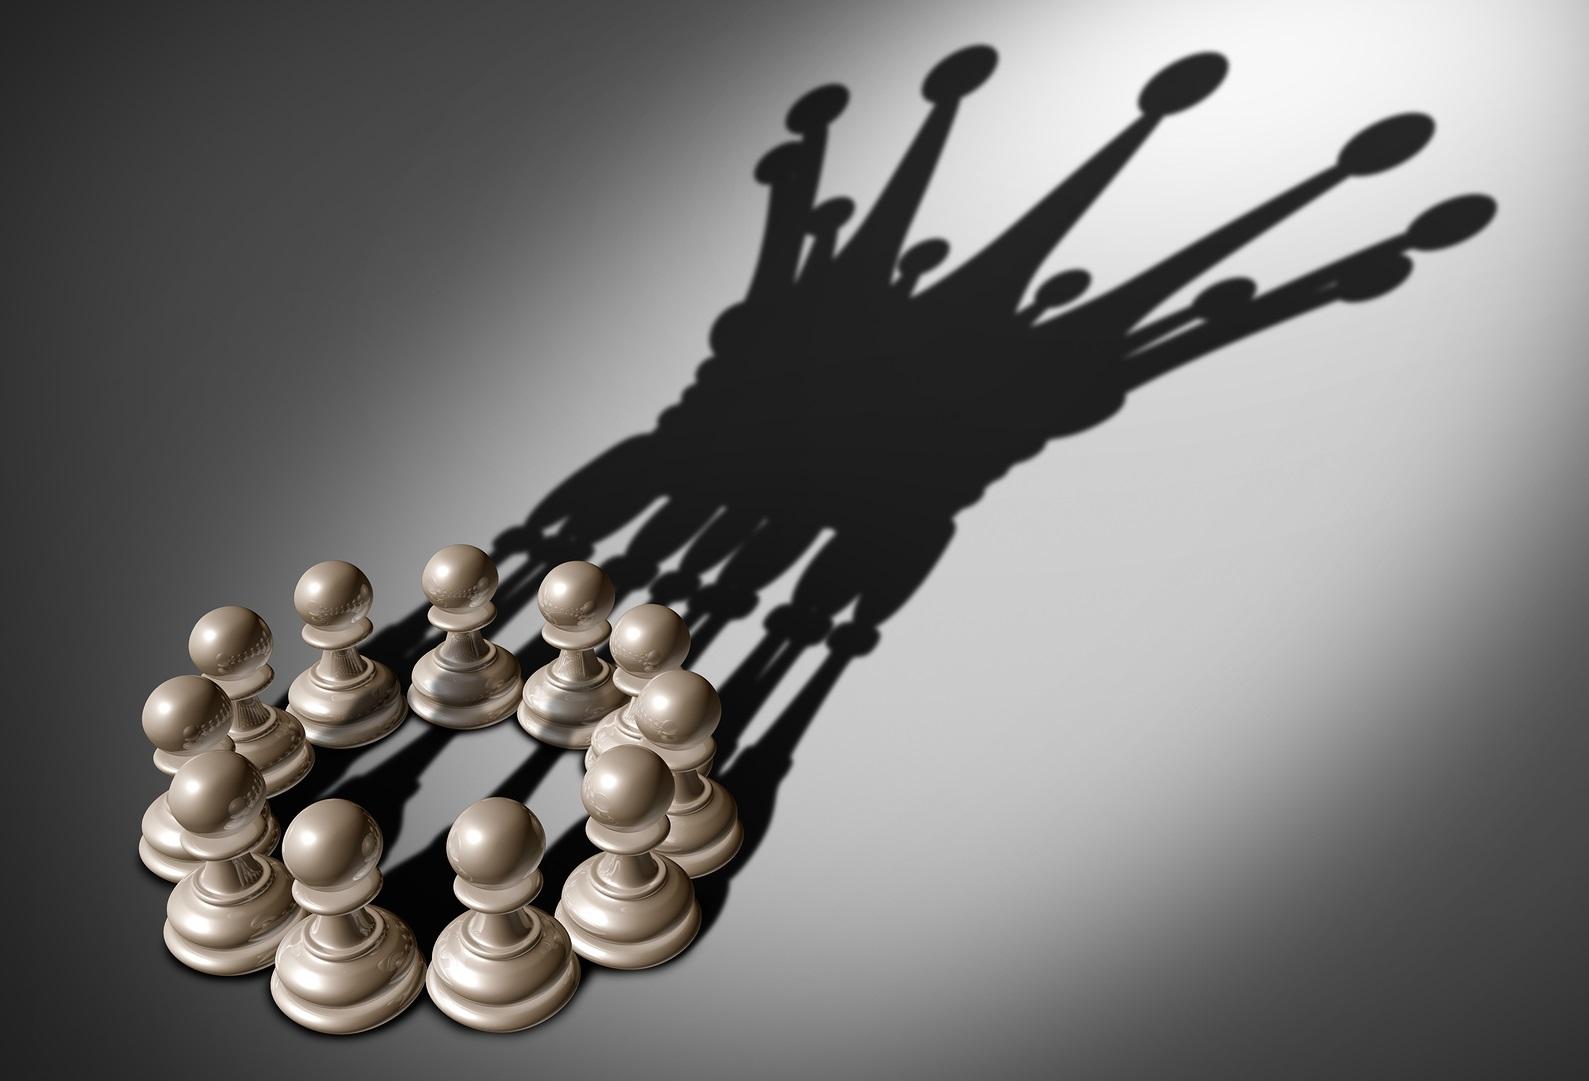 Strategy & Innovation